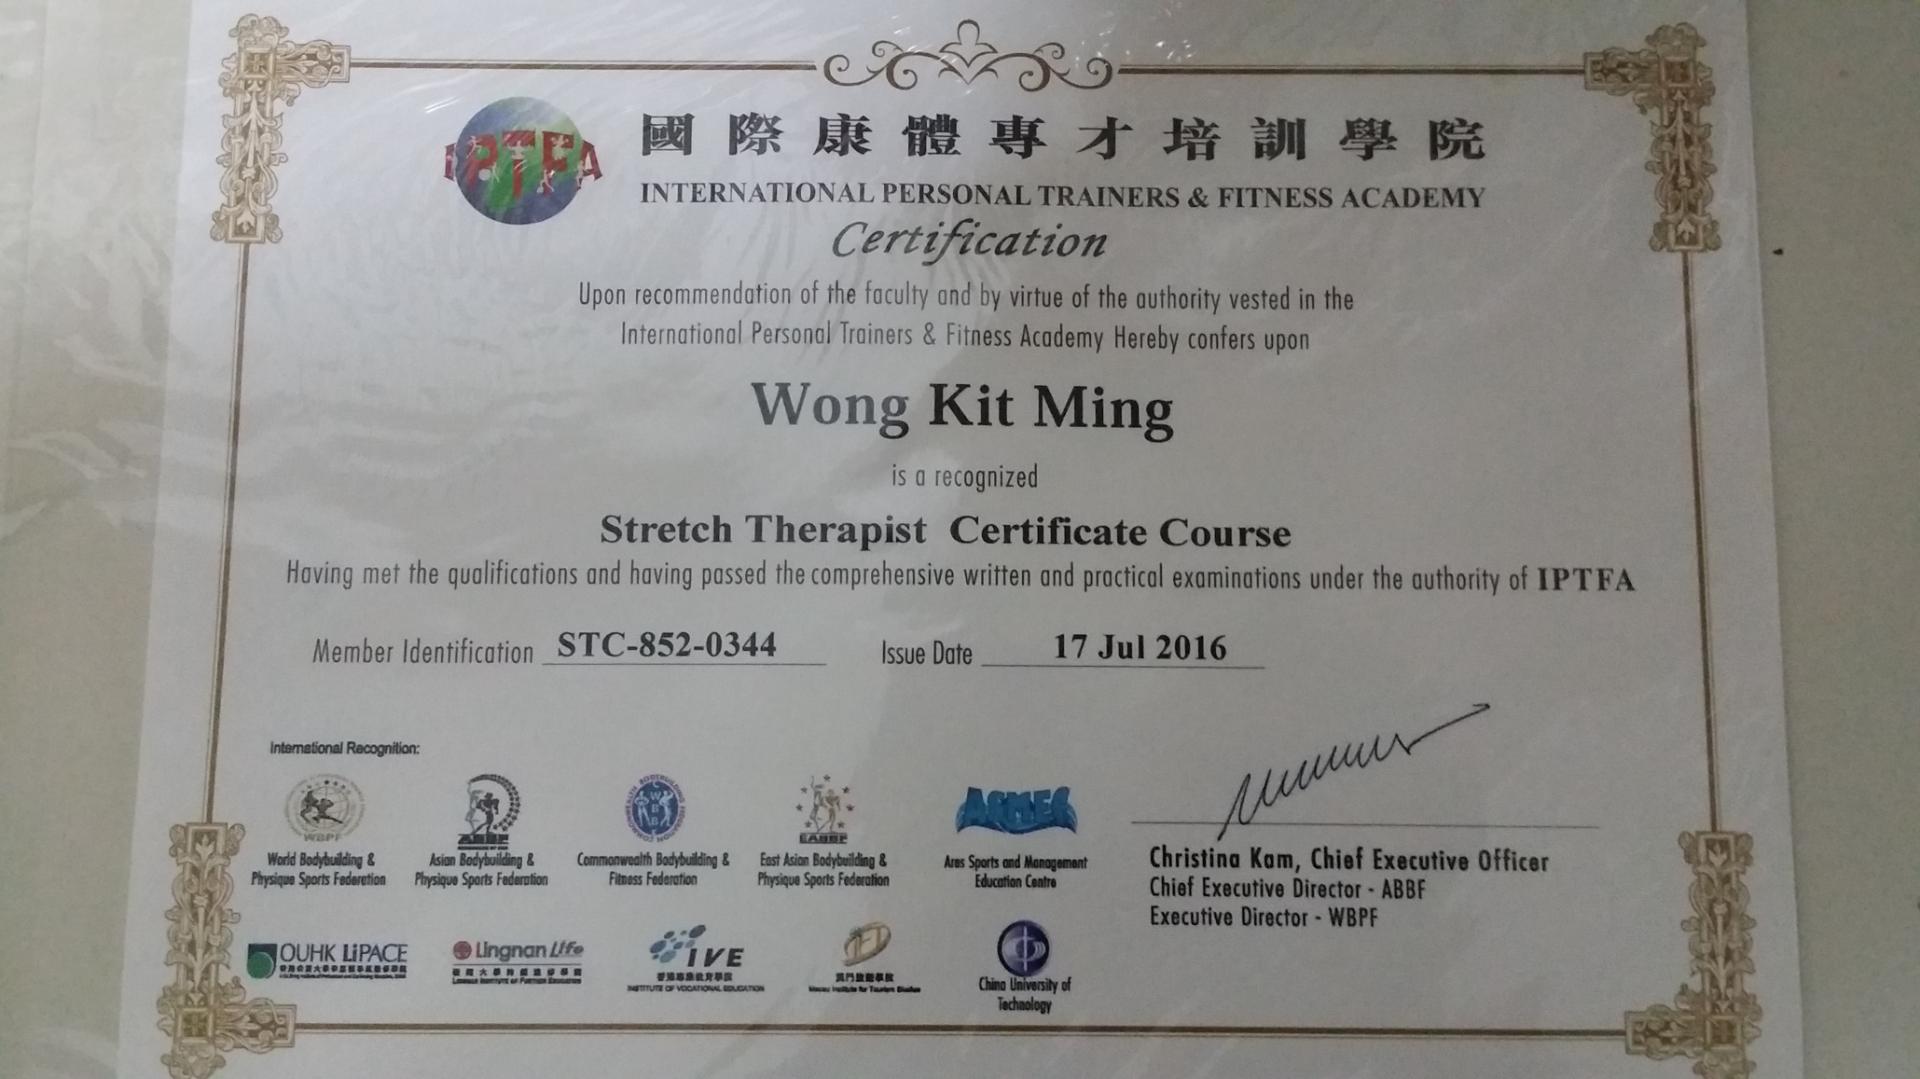 國際康體專才培訓學院 : 伸展治療師證書